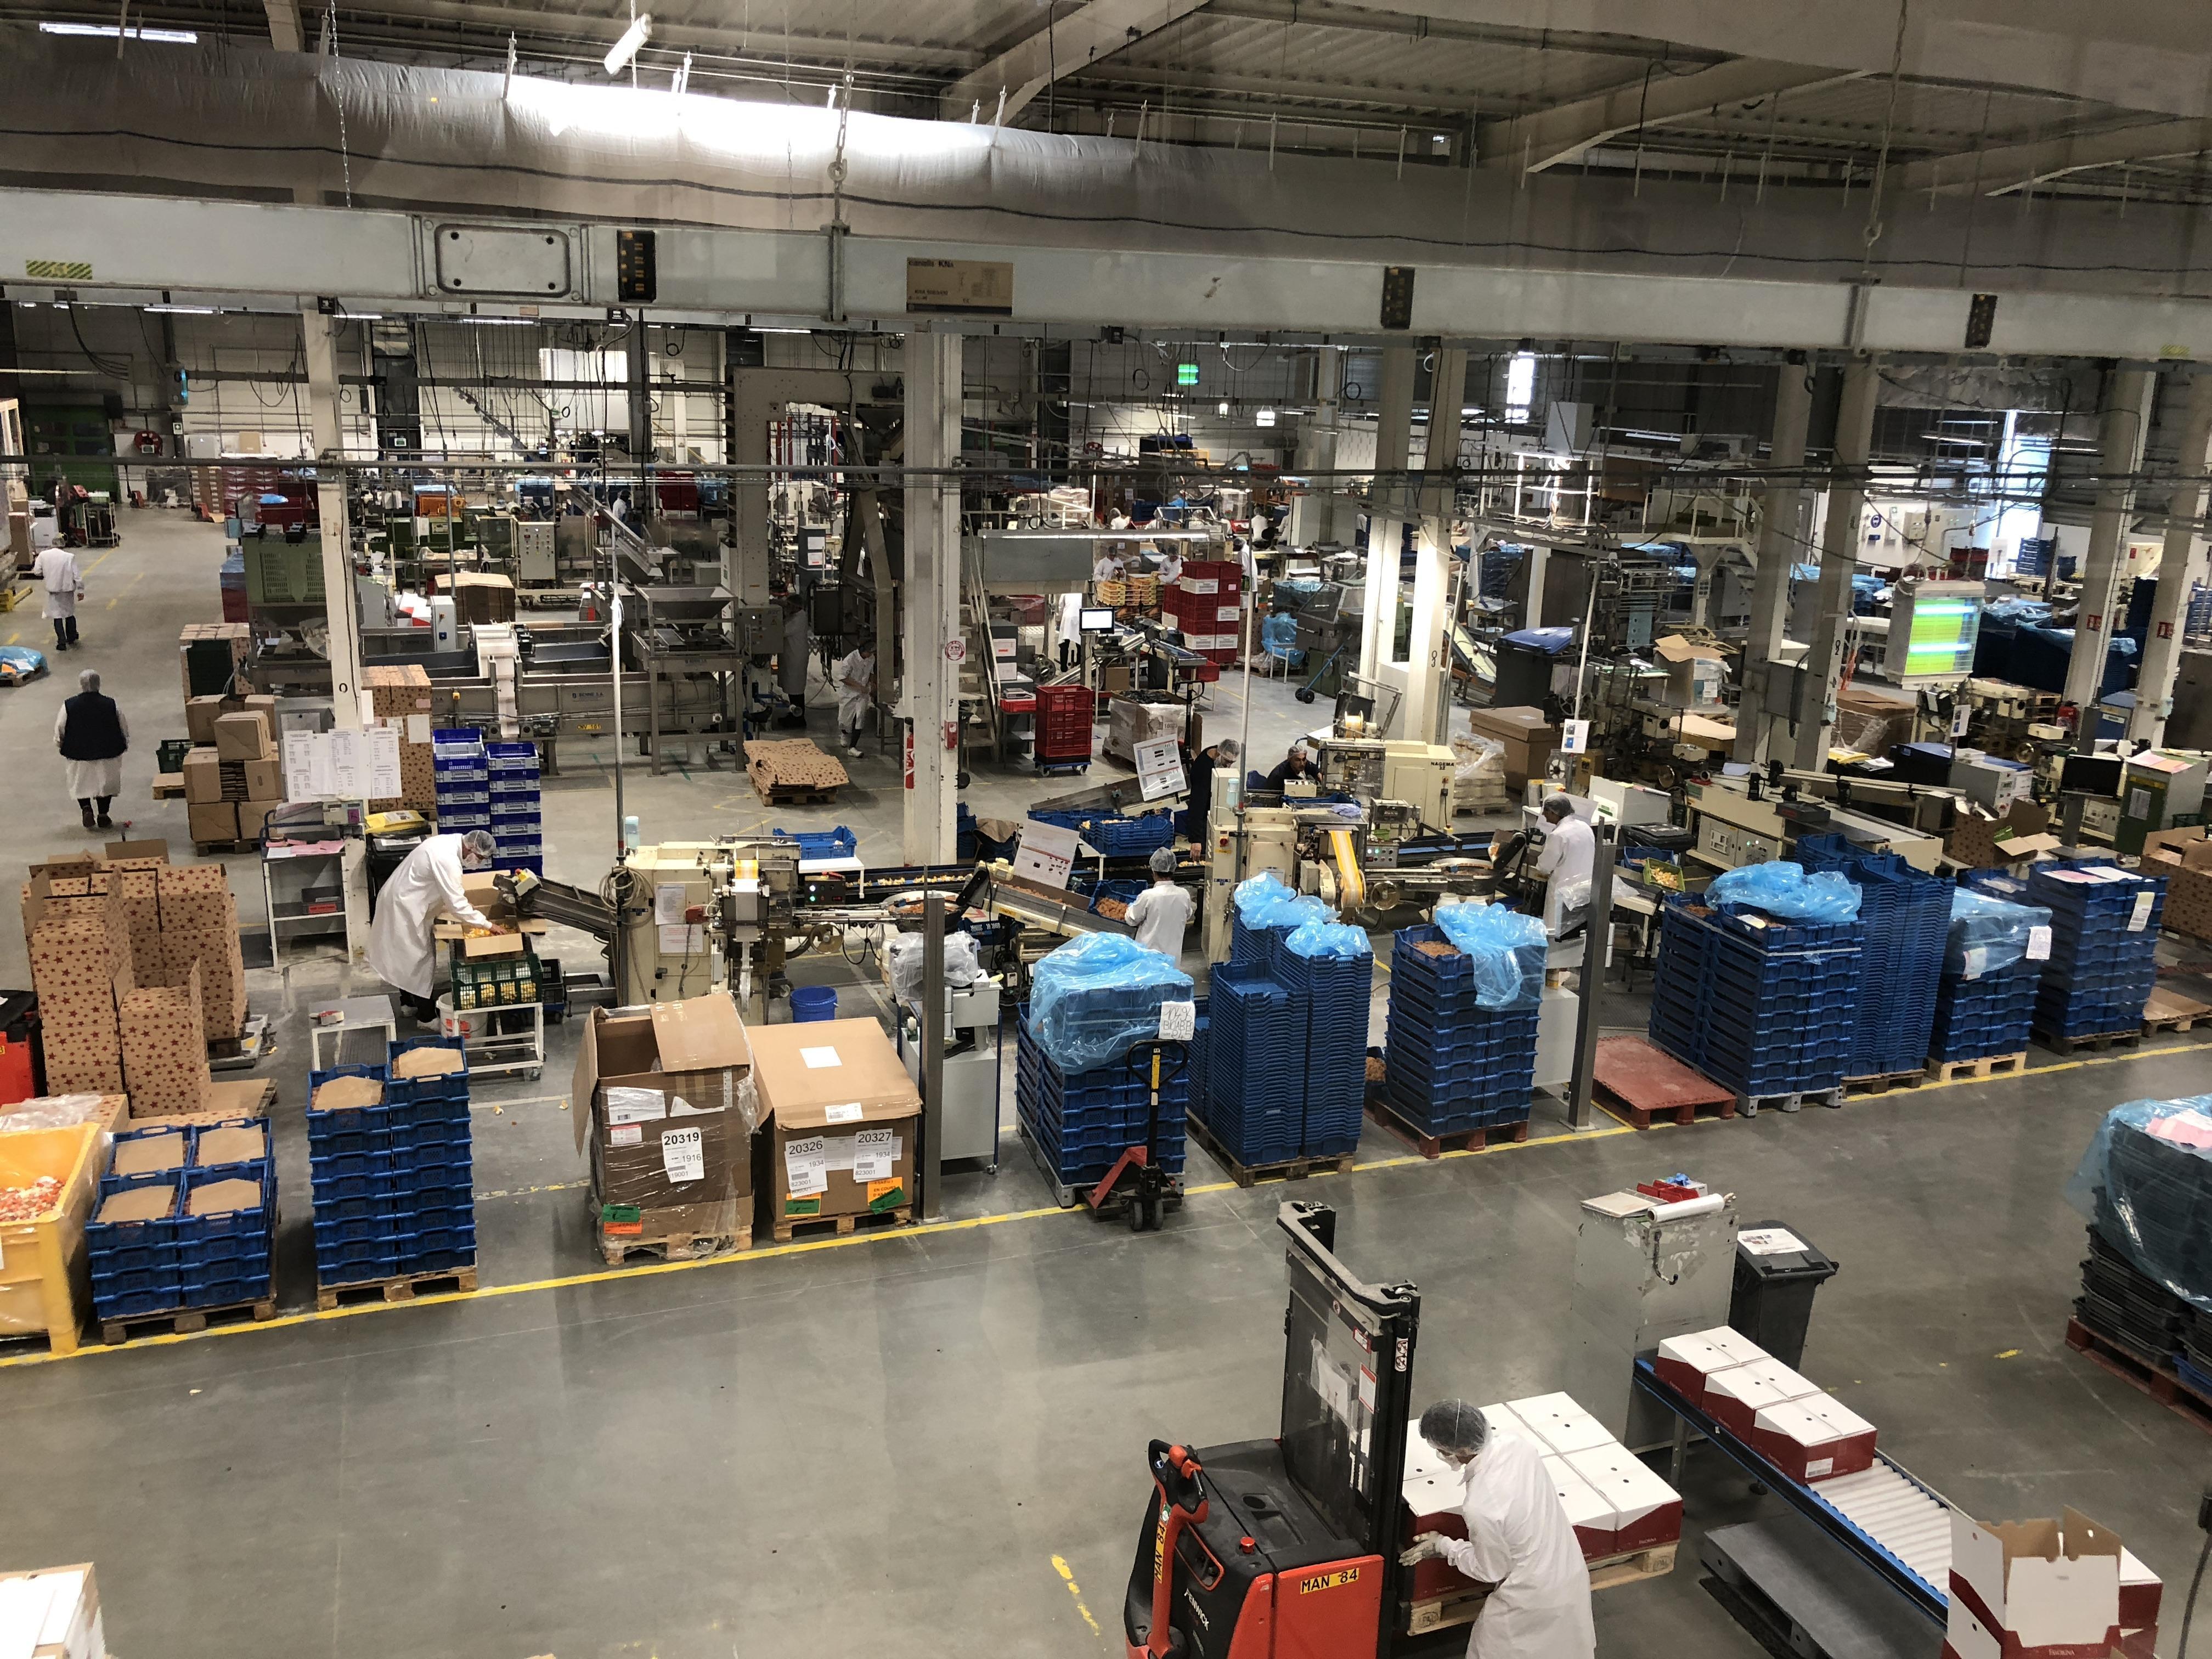 L'usine veut muter vers une production permanente de ses confiseries.